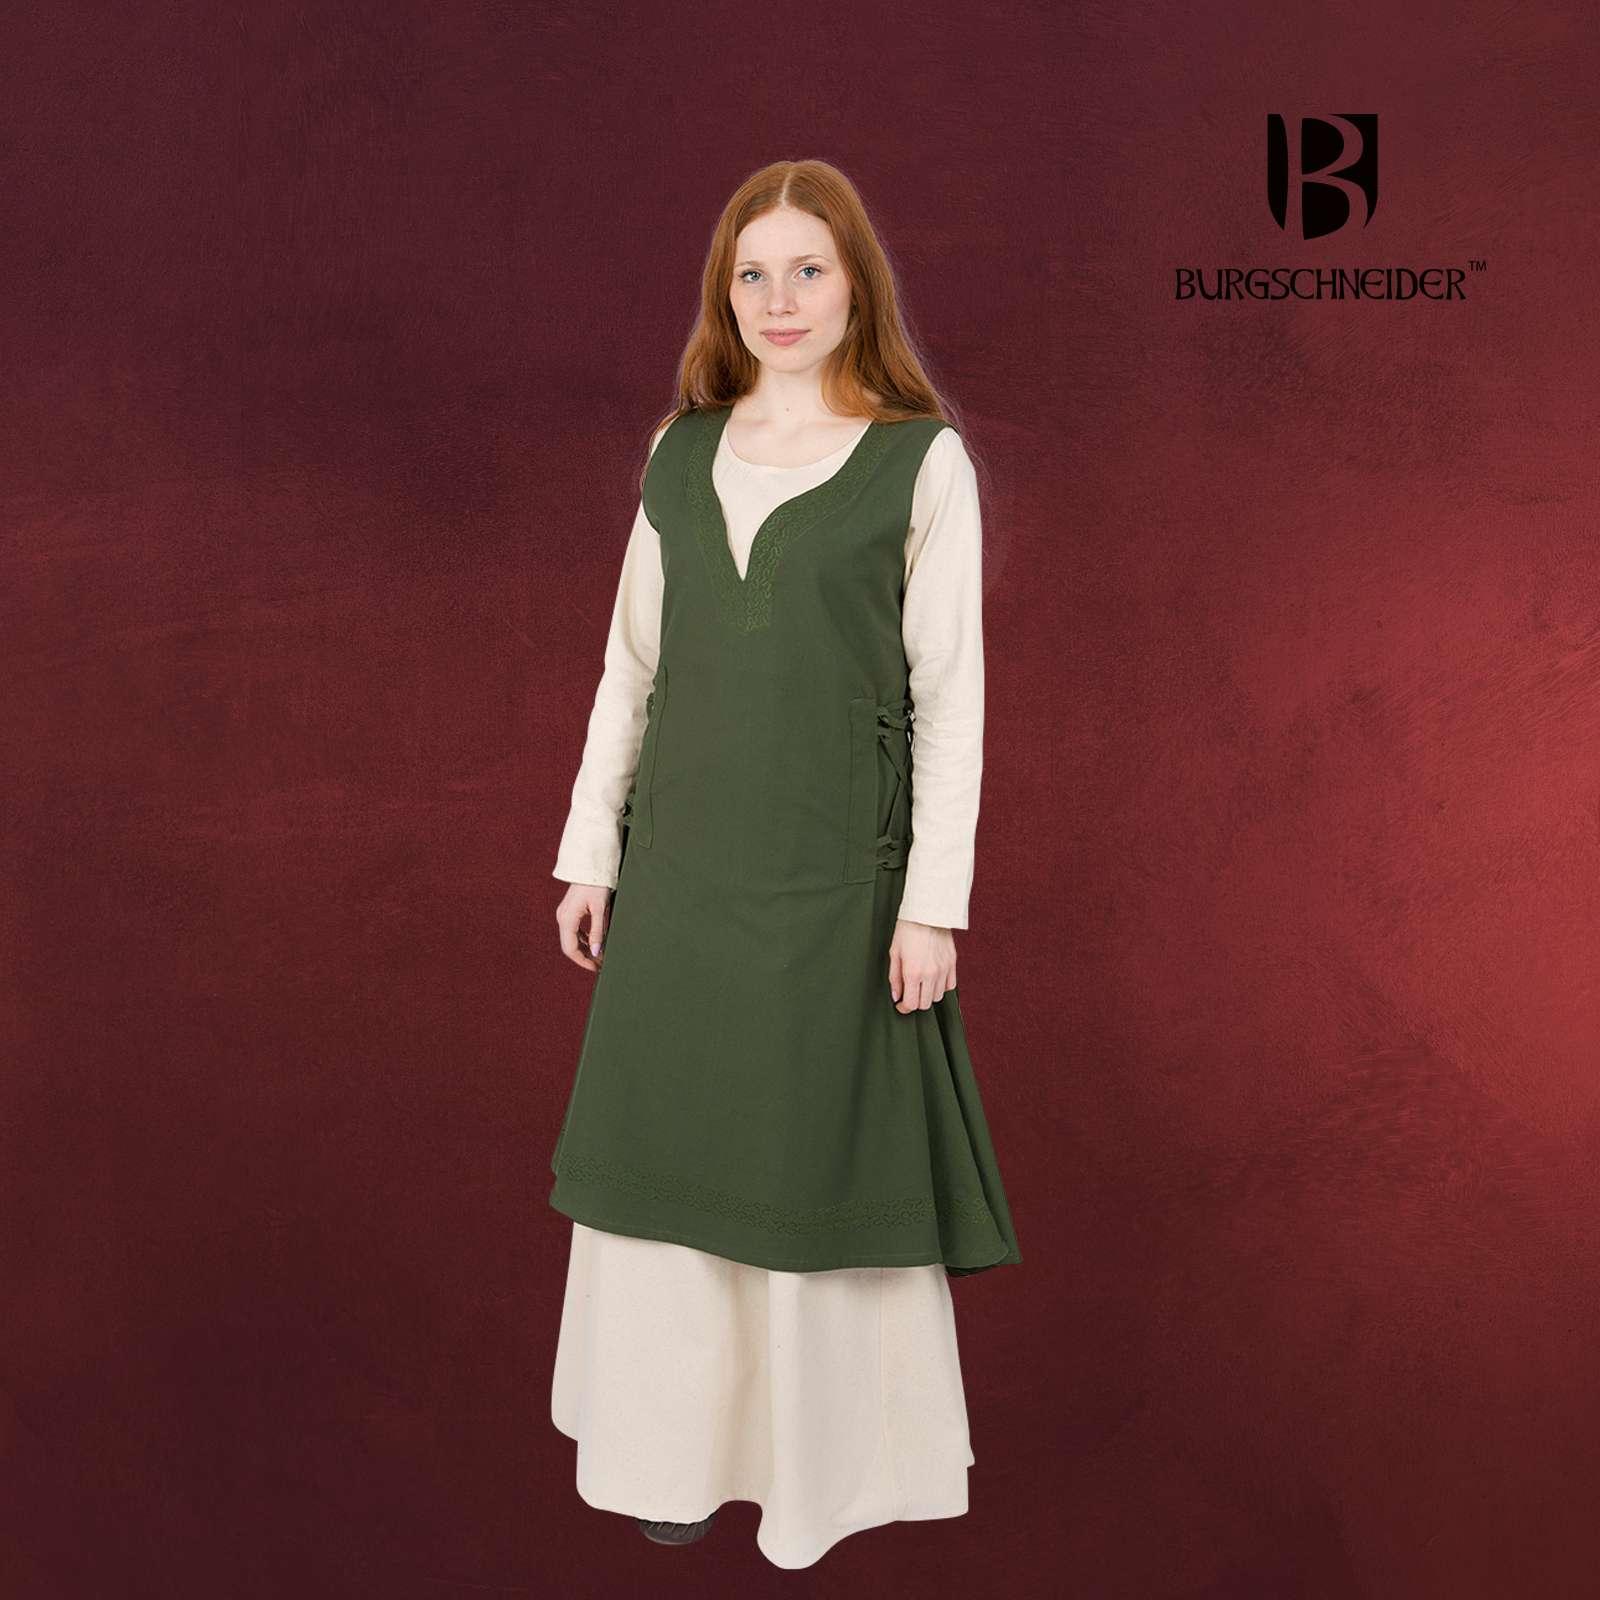 Mittelalter Kleid Lannion mit Schnürung grün Burgschneider